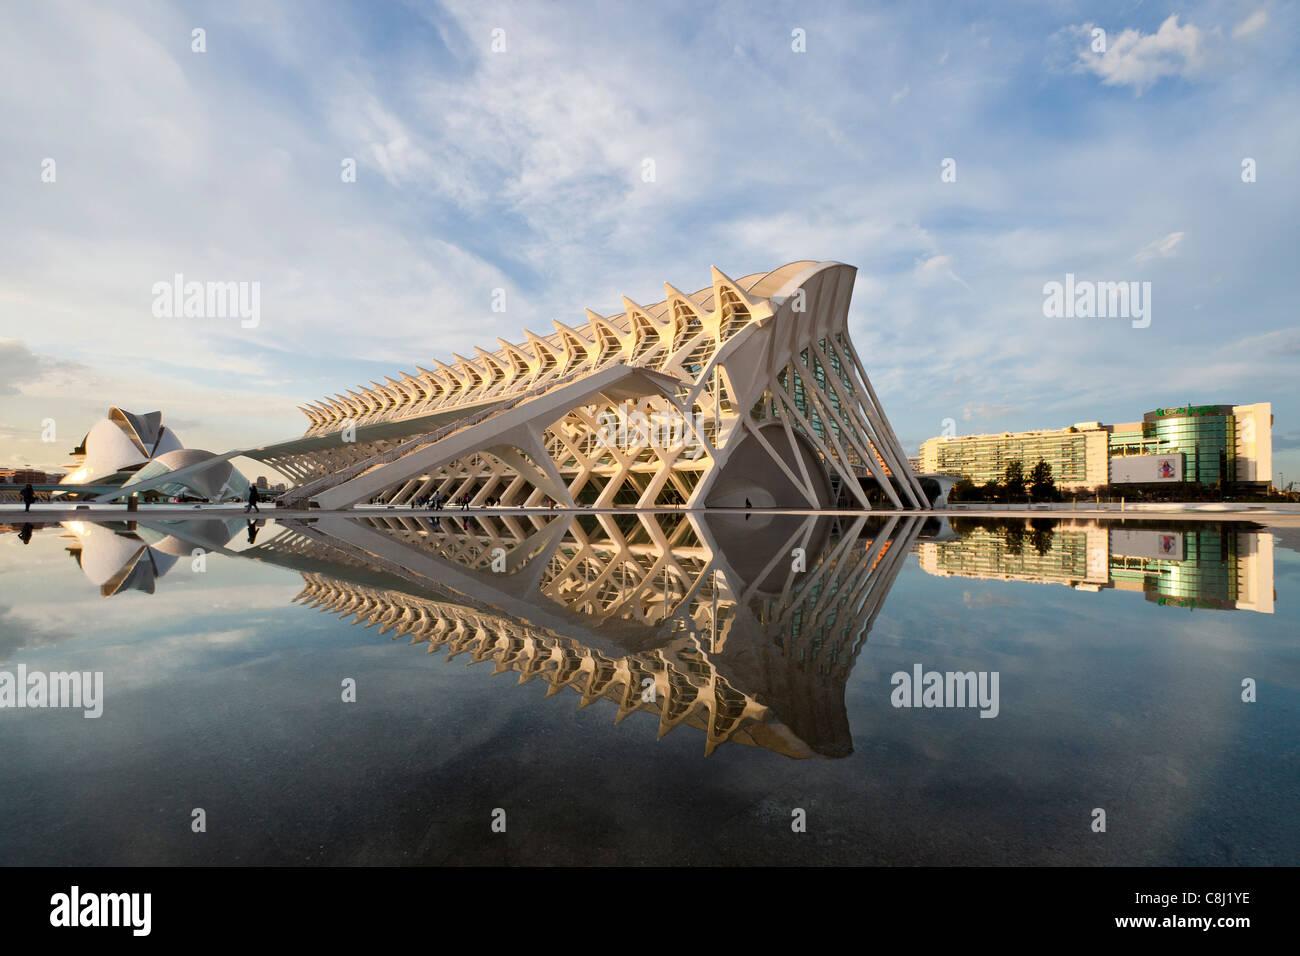 L'Espagne, l'Europe, Valence, Cité des Arts et des sciences, Calatrava, l'architecture moderne, Photo Stock